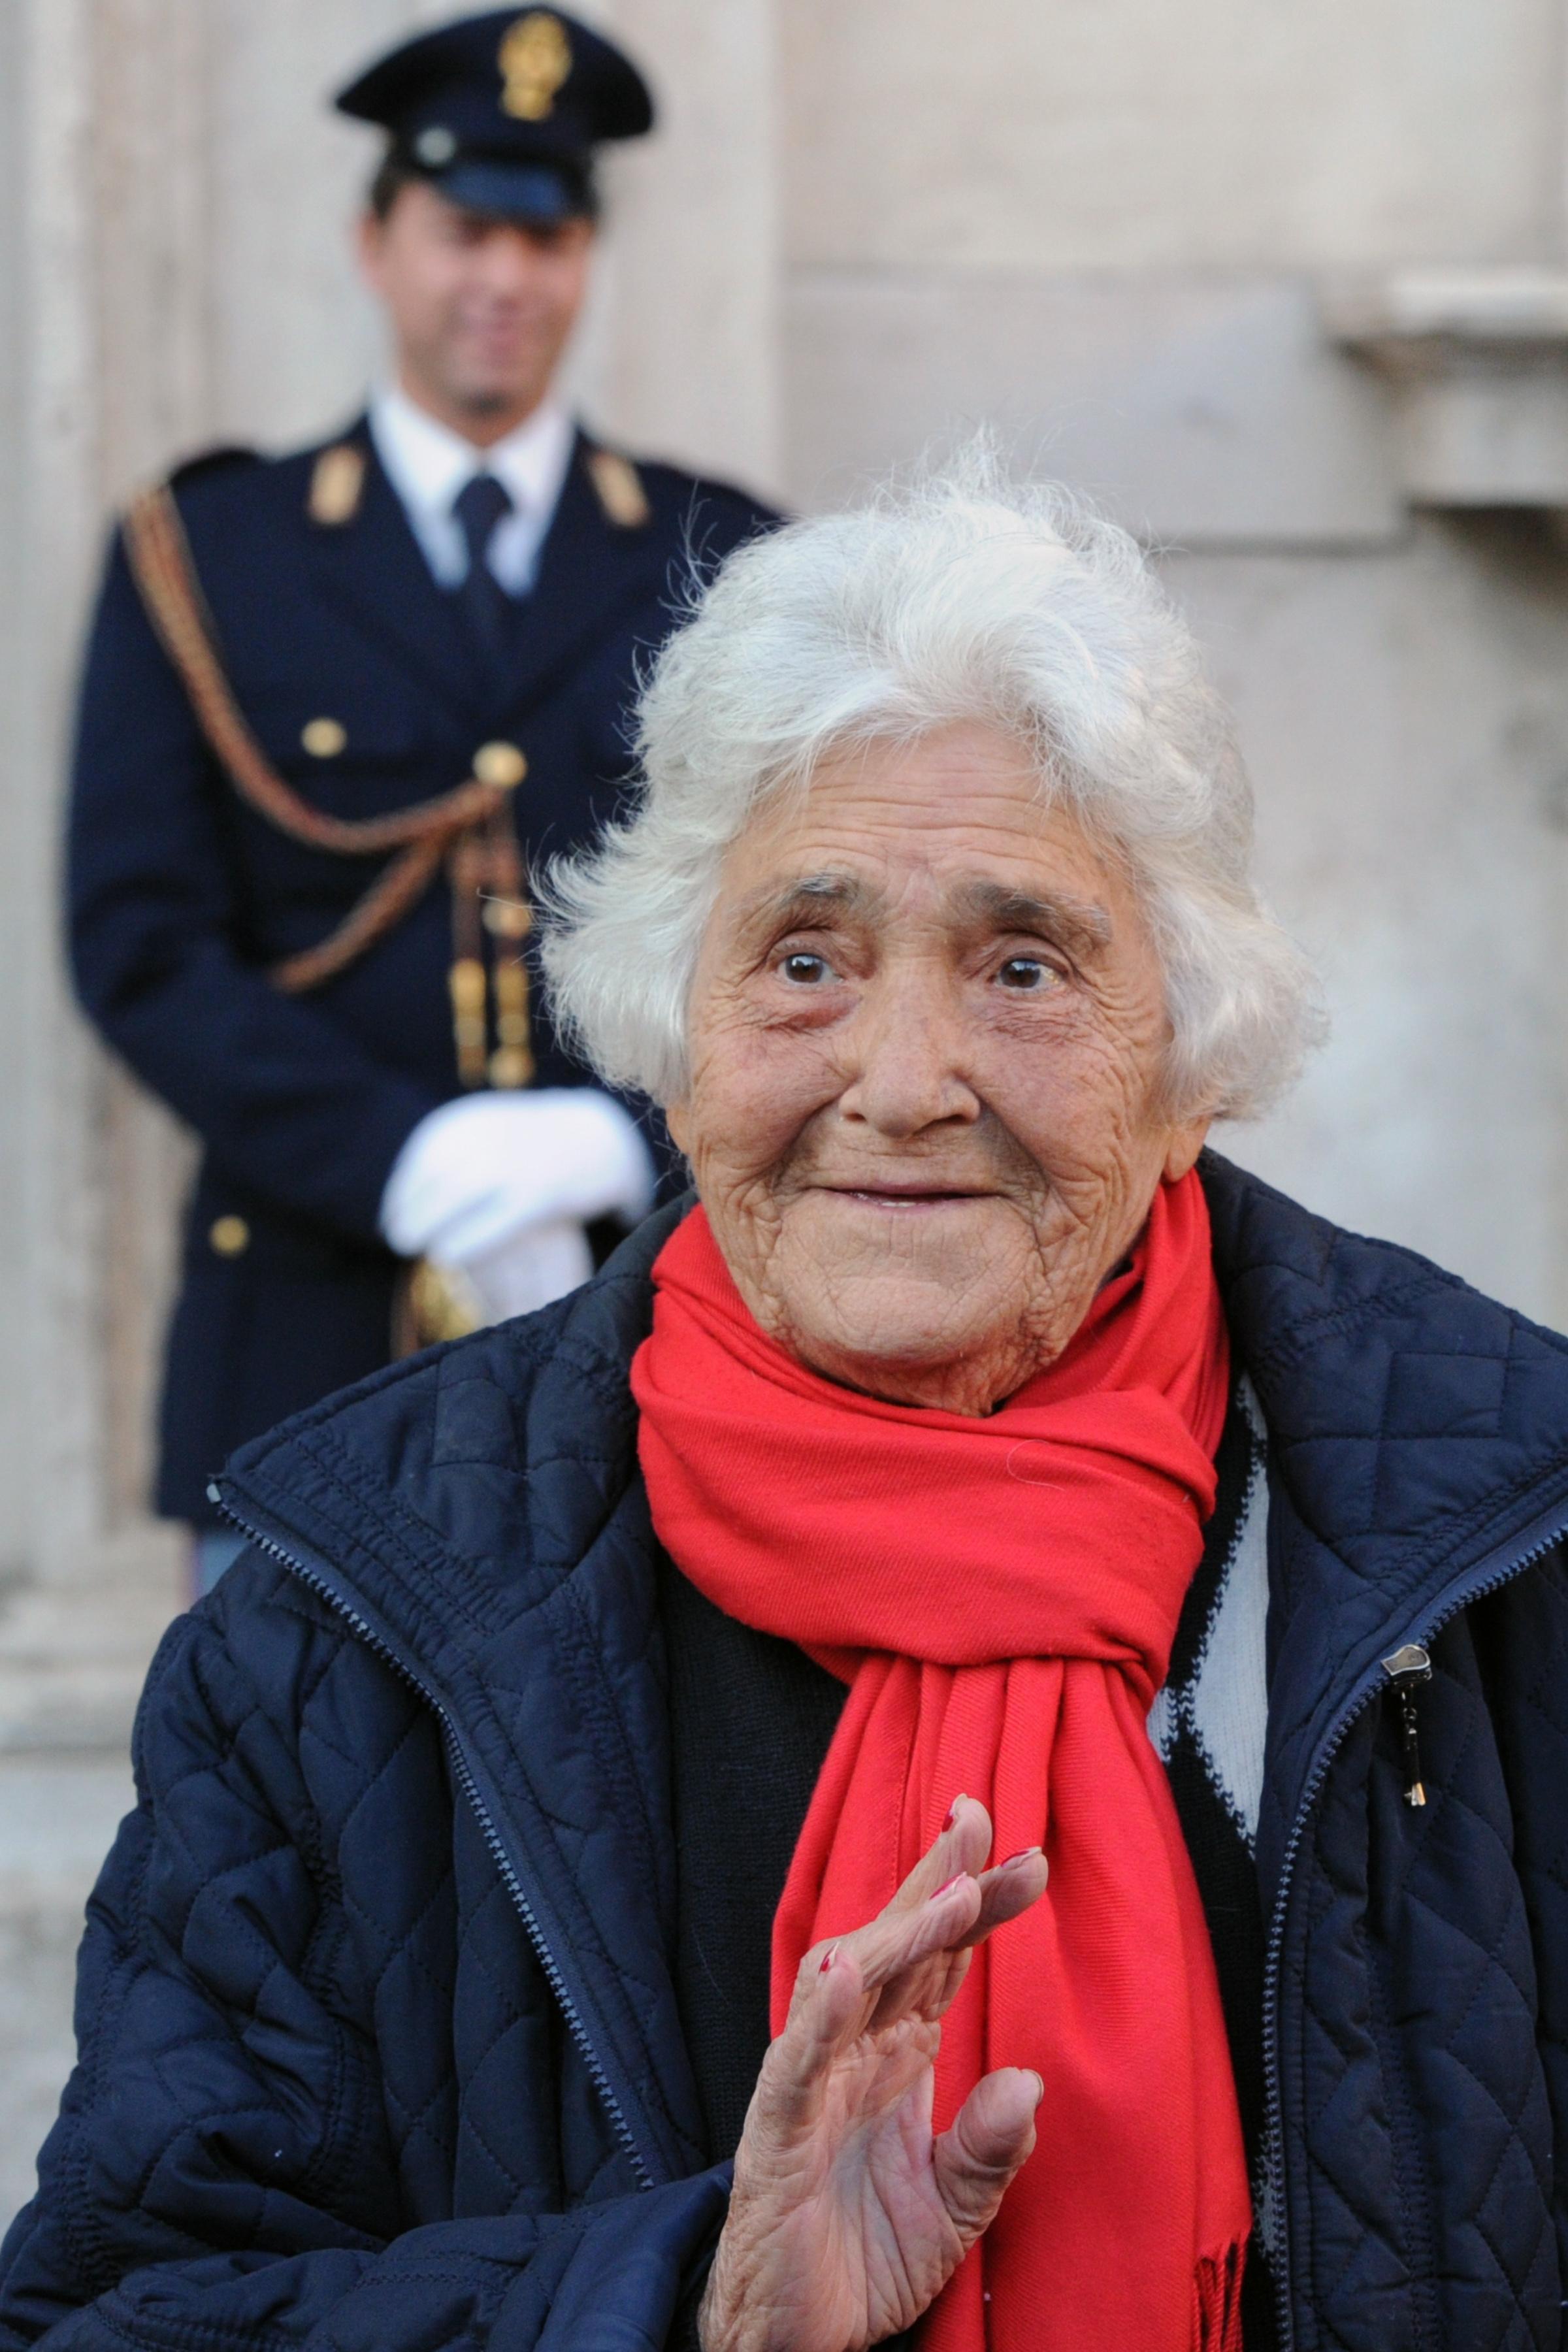 Італійська протестувальниця Аннарела (Annarella), яка часто ділиться своїми думками з приводу італійських політиків перед італійськими інститутами, стоїть перед Палаццо Кіджі прем'єр-міністра Італії 12 листопада 2011 року в Римі. Фото Gabriel Bouys/Getty